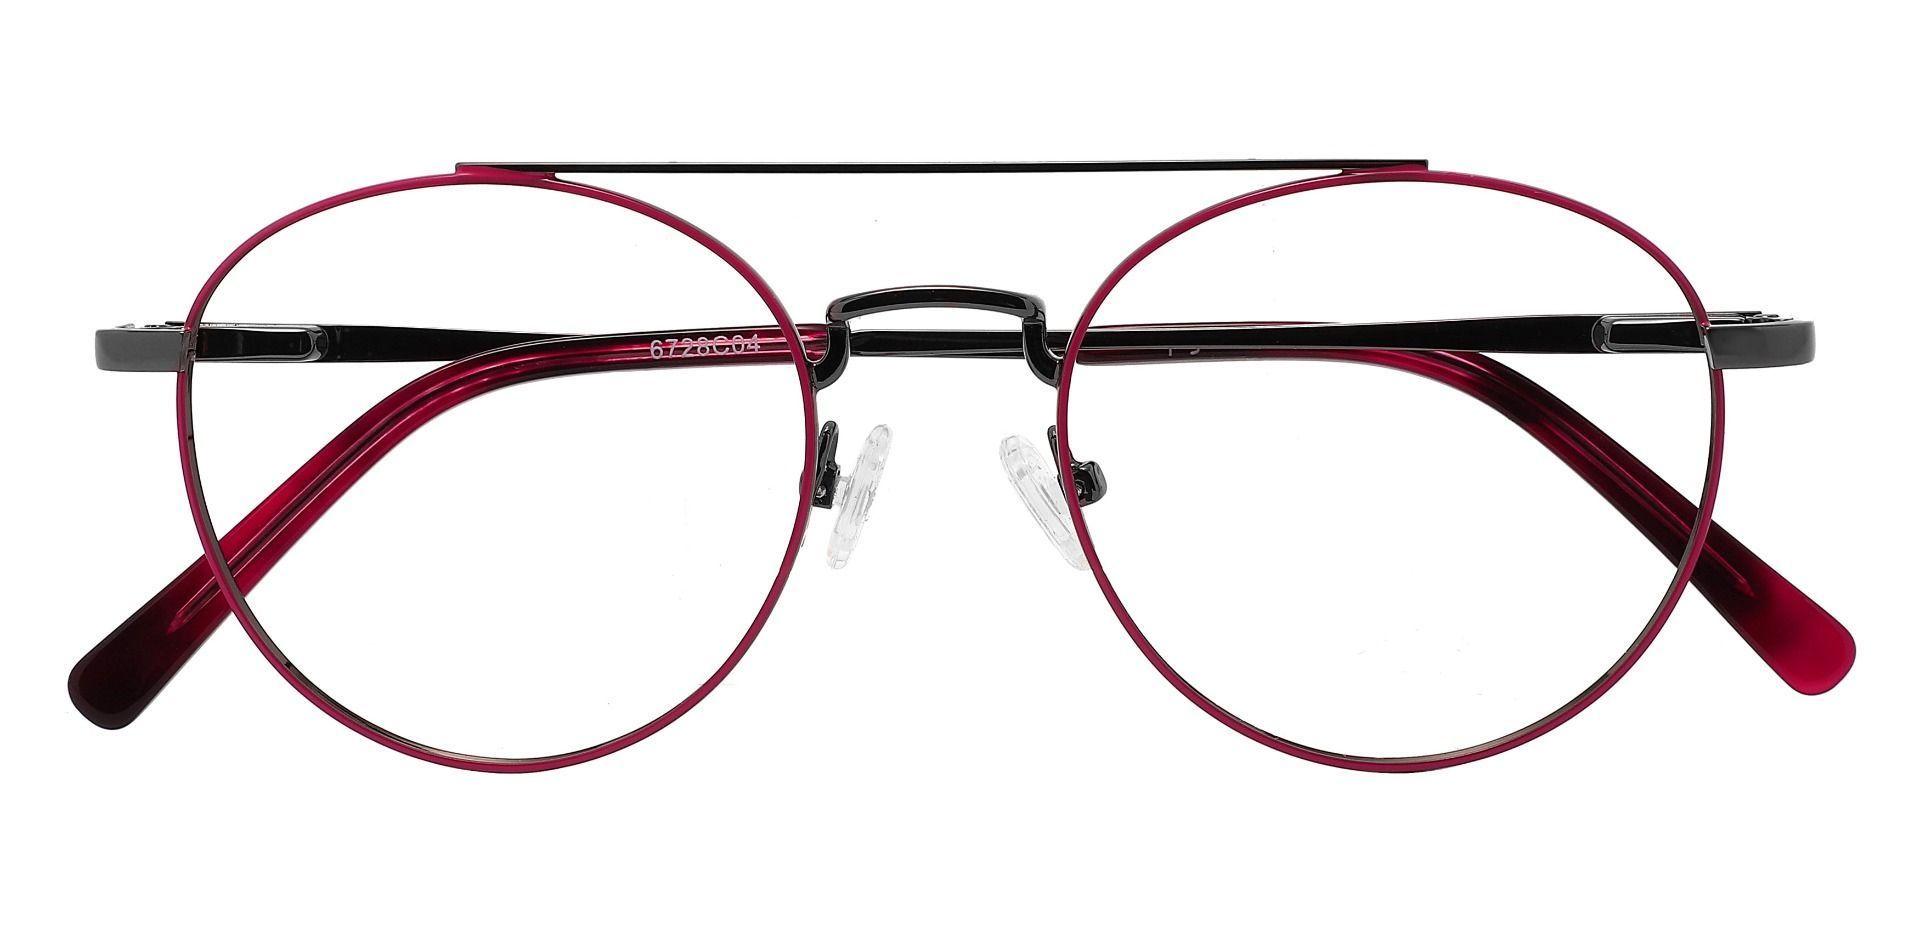 Tasha Aviator Prescription Glasses - Red